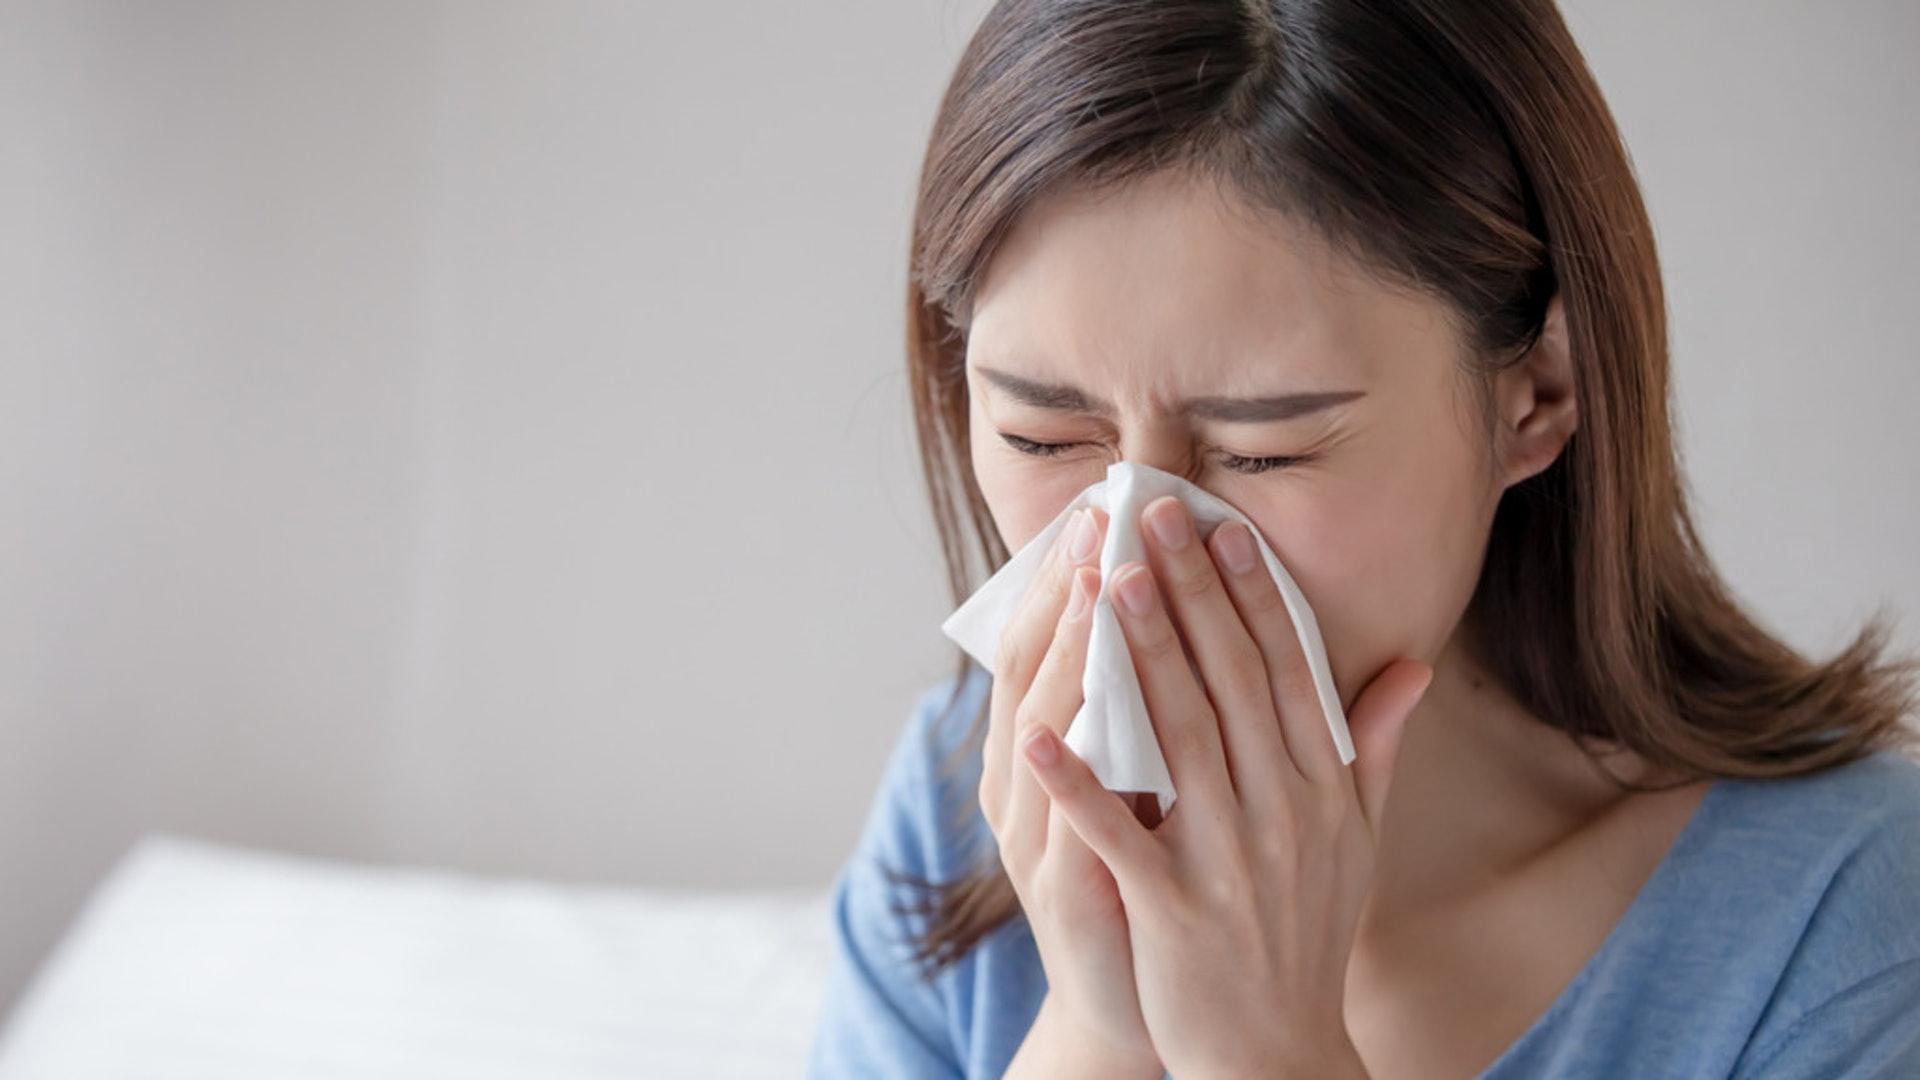 天灸對於鼻敏感、哮喘等難治的呼吸道疾病療效不容小覷。(圖片:topick)